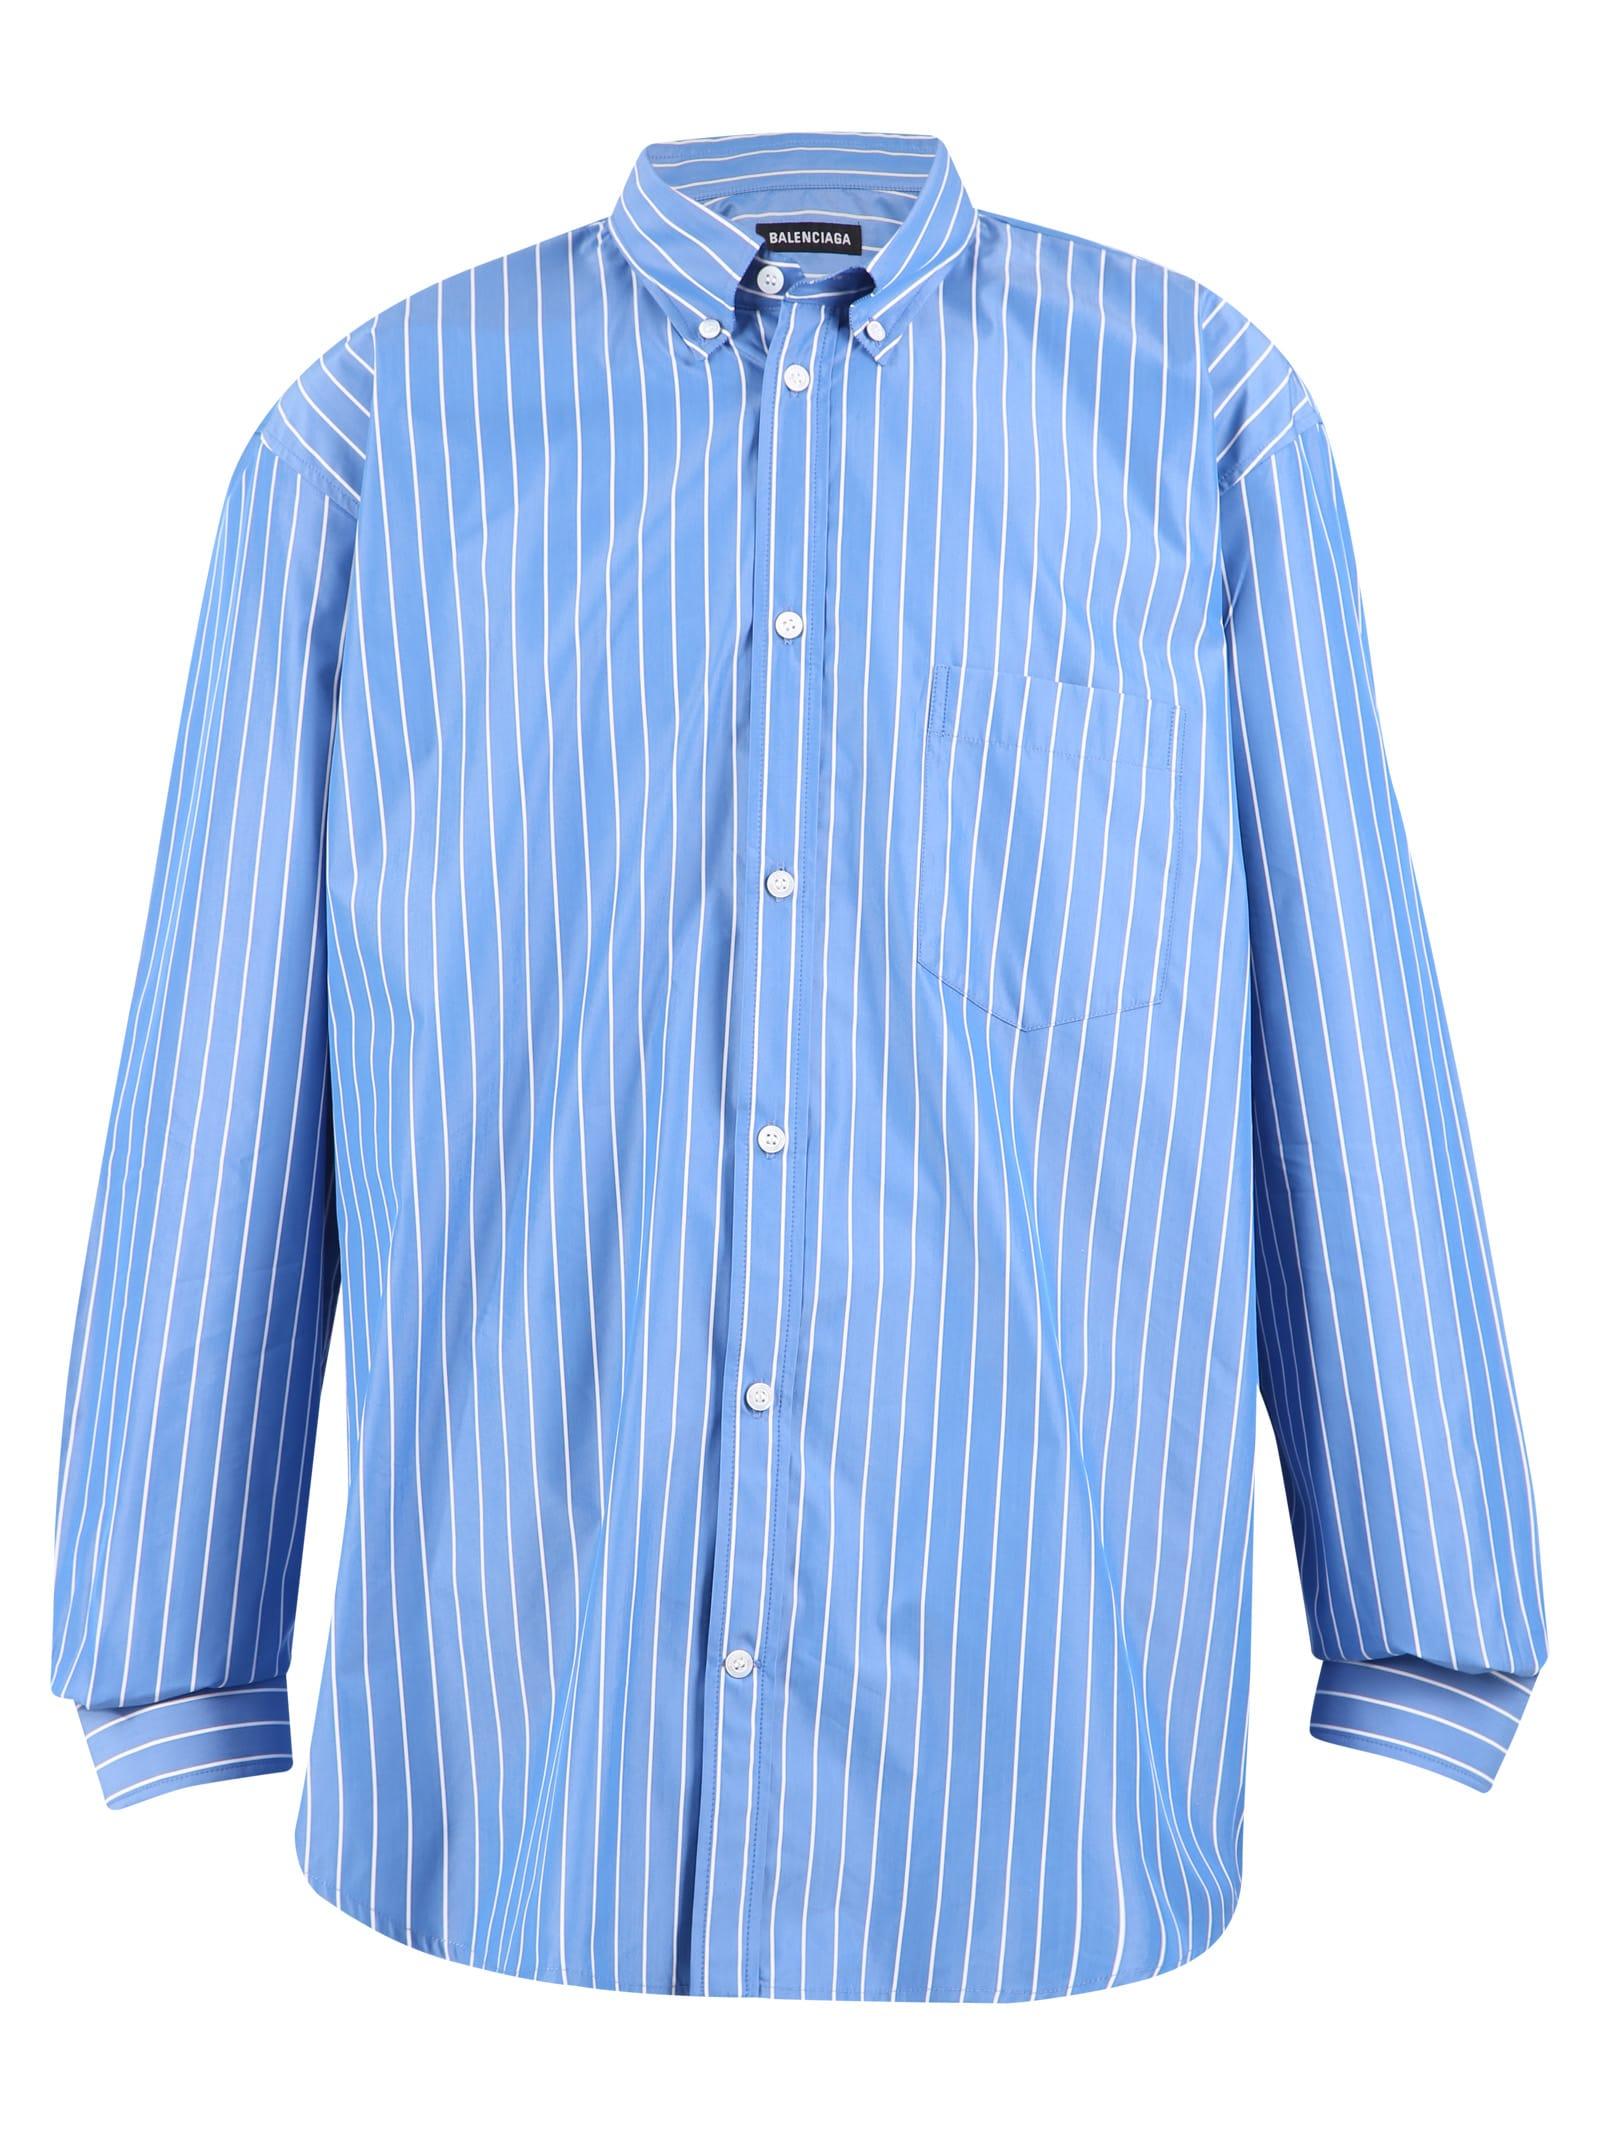 Balenciaga Branded Shirt